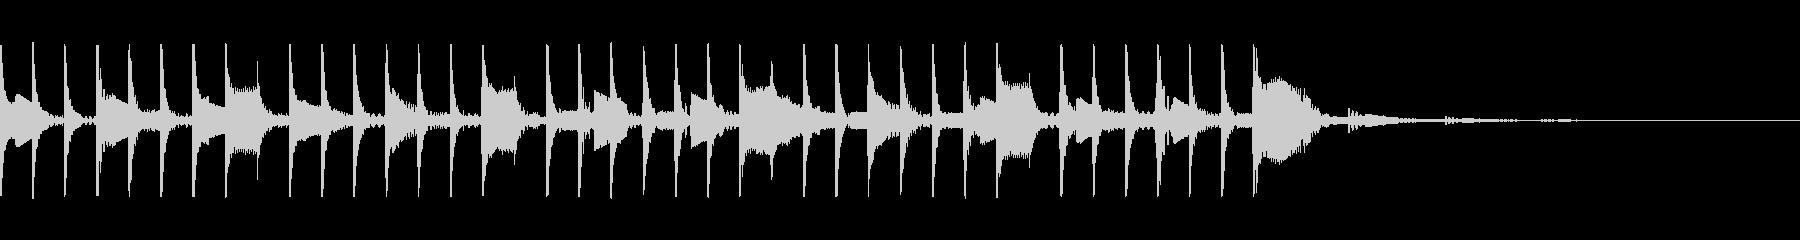 コンピュータ ピコピコ(処理する音)の未再生の波形